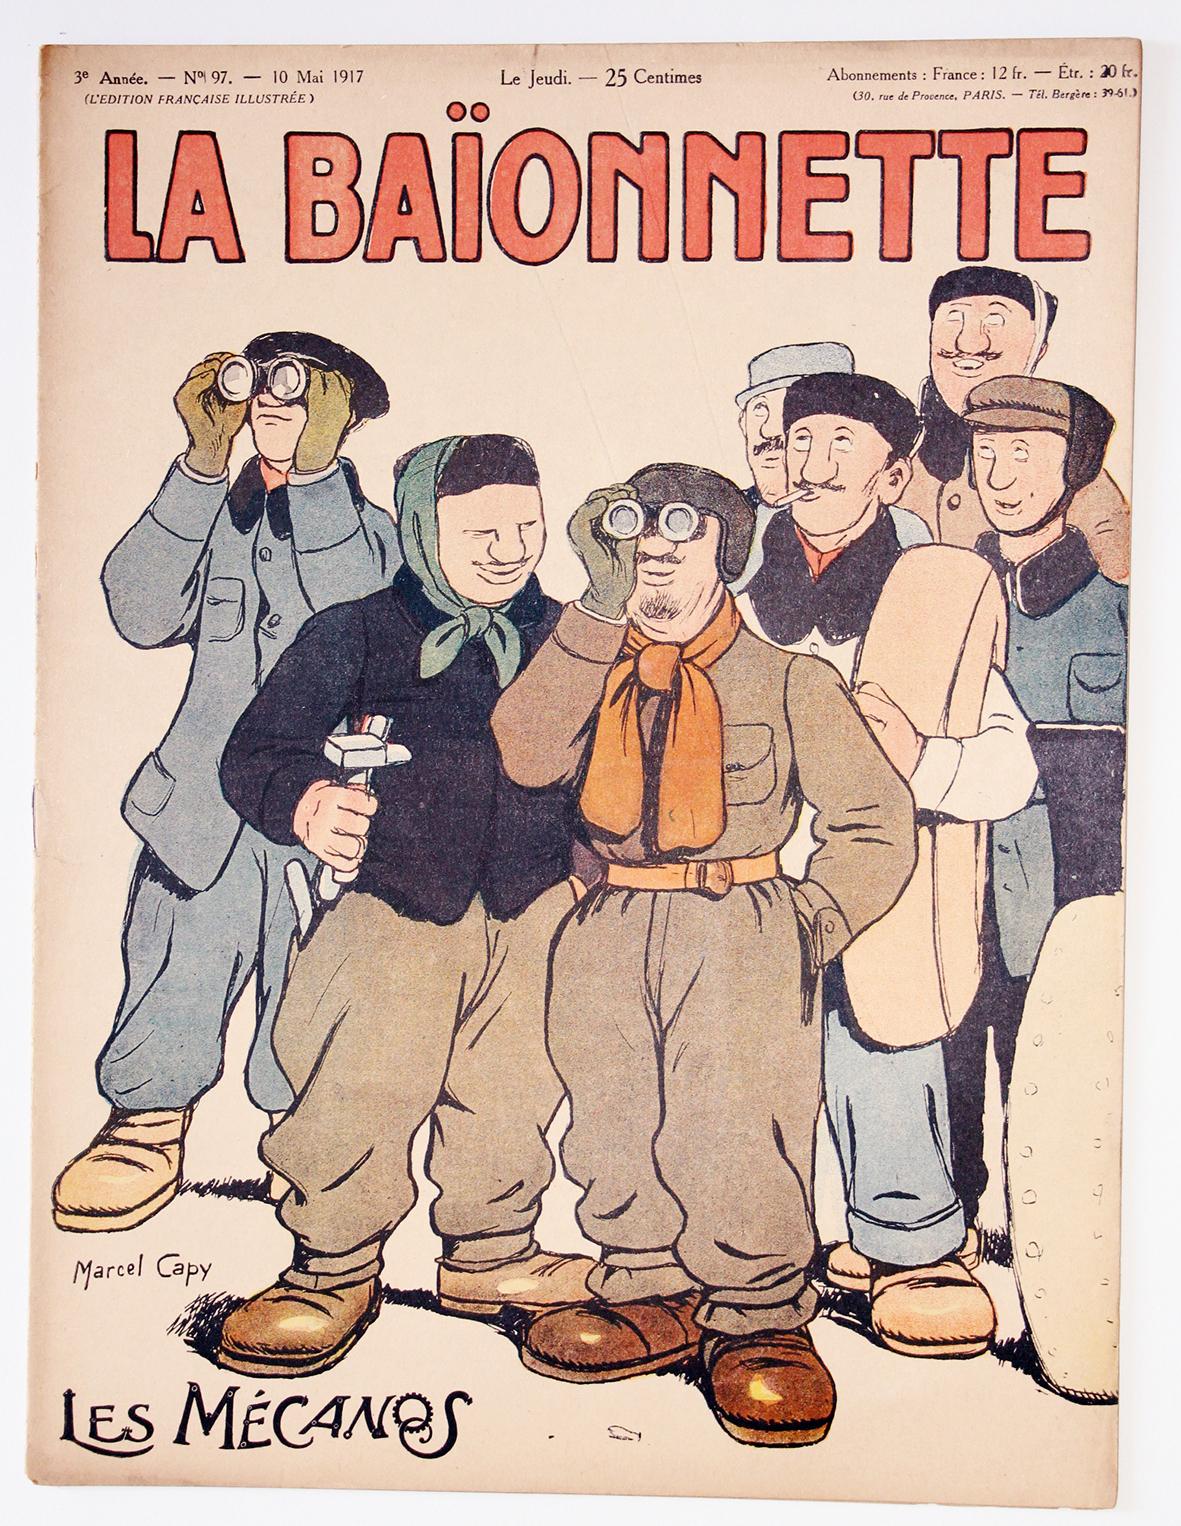 Revue Satirique - La BaÏonnette - Mai 1917 - Numéro 97 - Guerre 14/18